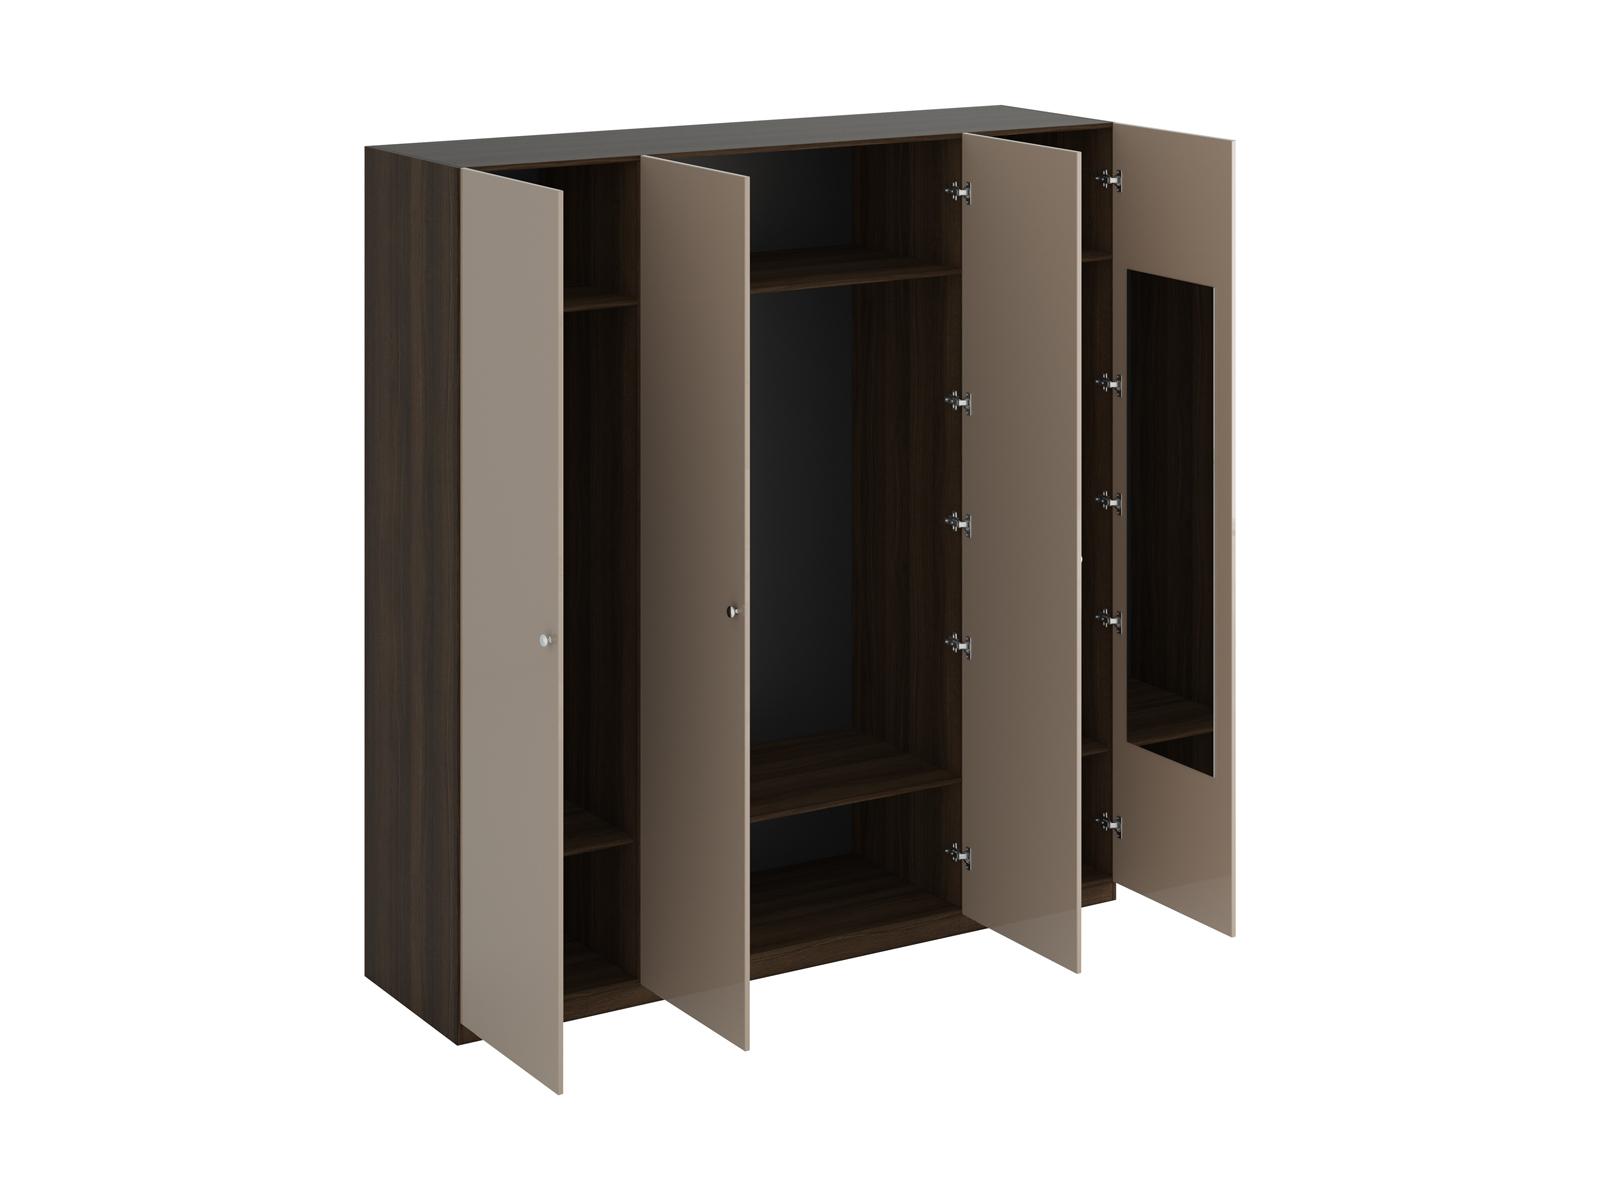 Шкаф Uno Ш4зШкафы<br>Шкаф четырехдверный состоит их трёх отделений. В отделениях расположены верхние стационарные и нижние съемными полки. На одной дверце шкафа с внутренней стороны расположено зеркало. Шкаф установлен на регулируемые опоры. Данную мебель рекомендуется крепит...<br>